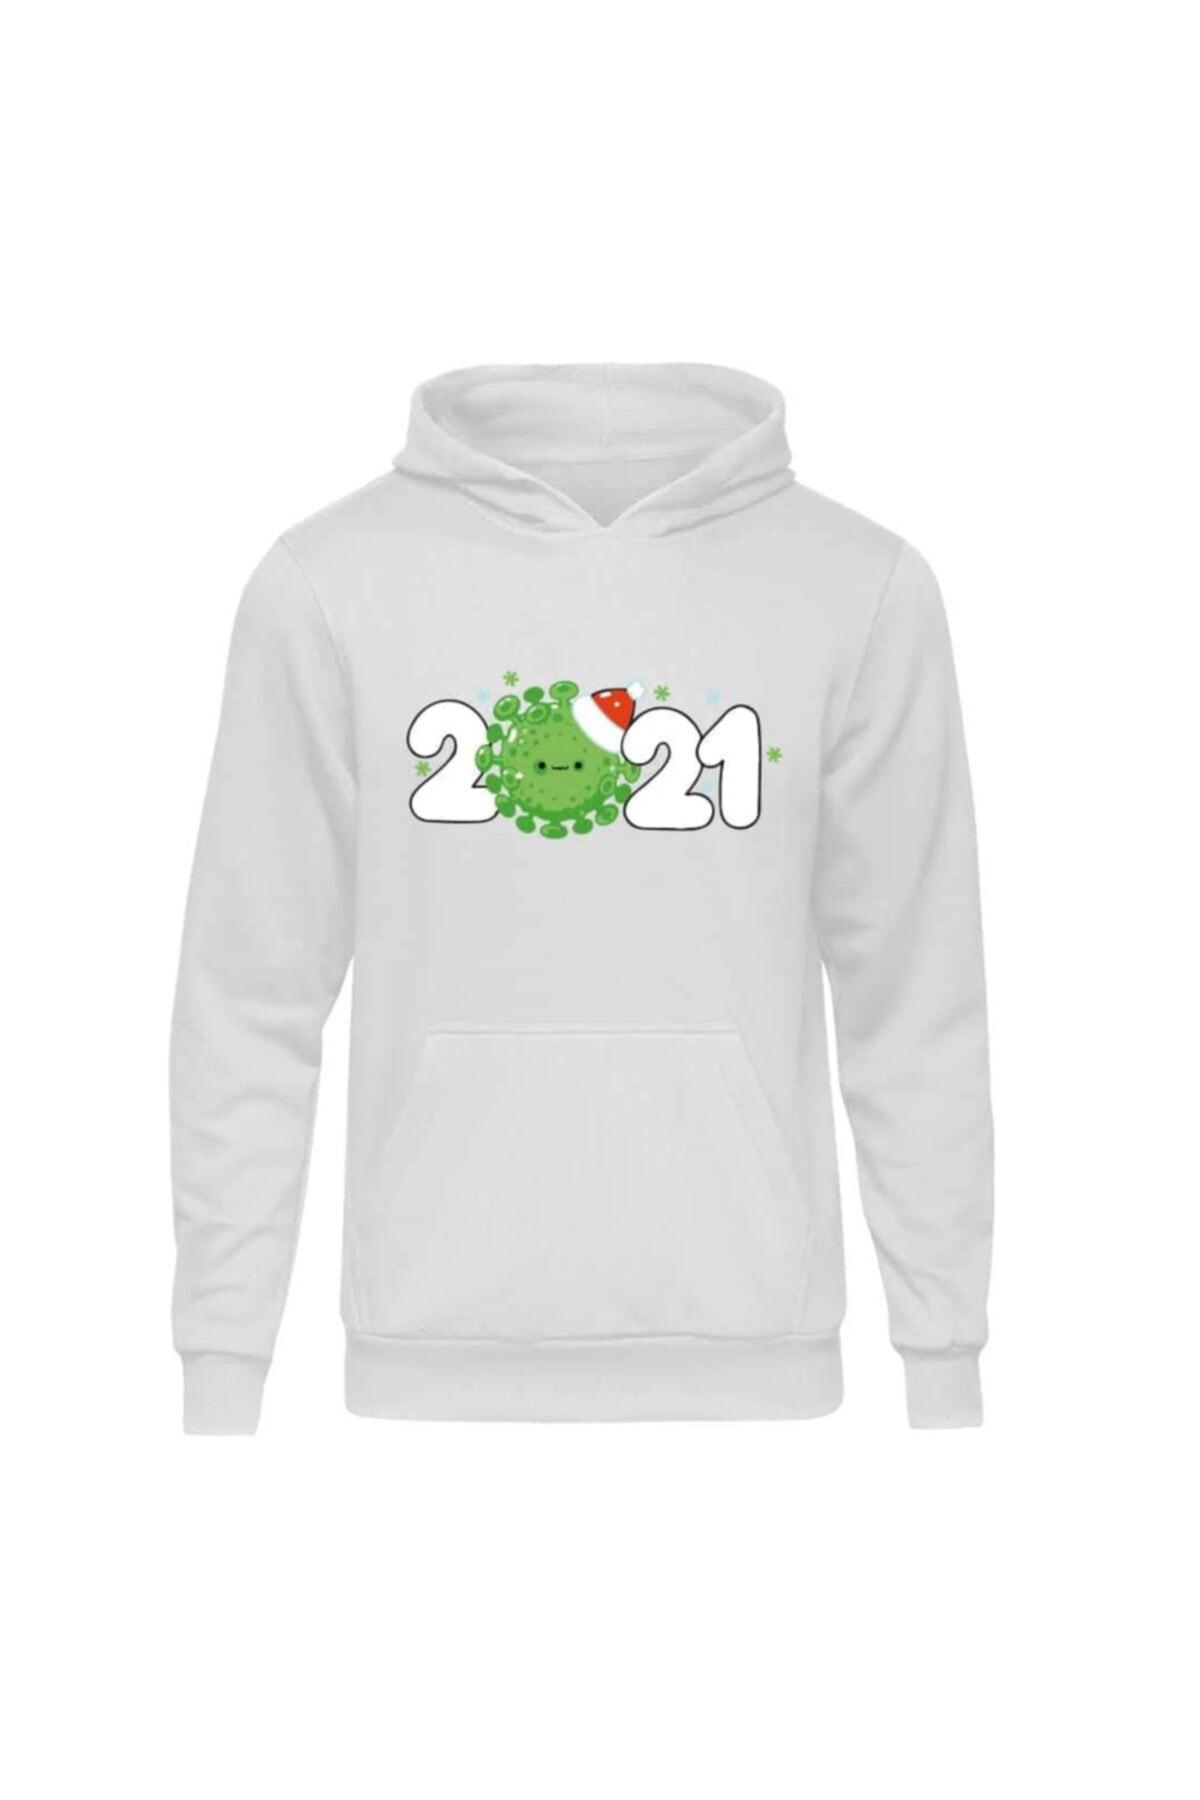 Fandomya Yılbaşı Virus 2021 Beyaz Kapşonlu Hoodie Sweatshirt 1